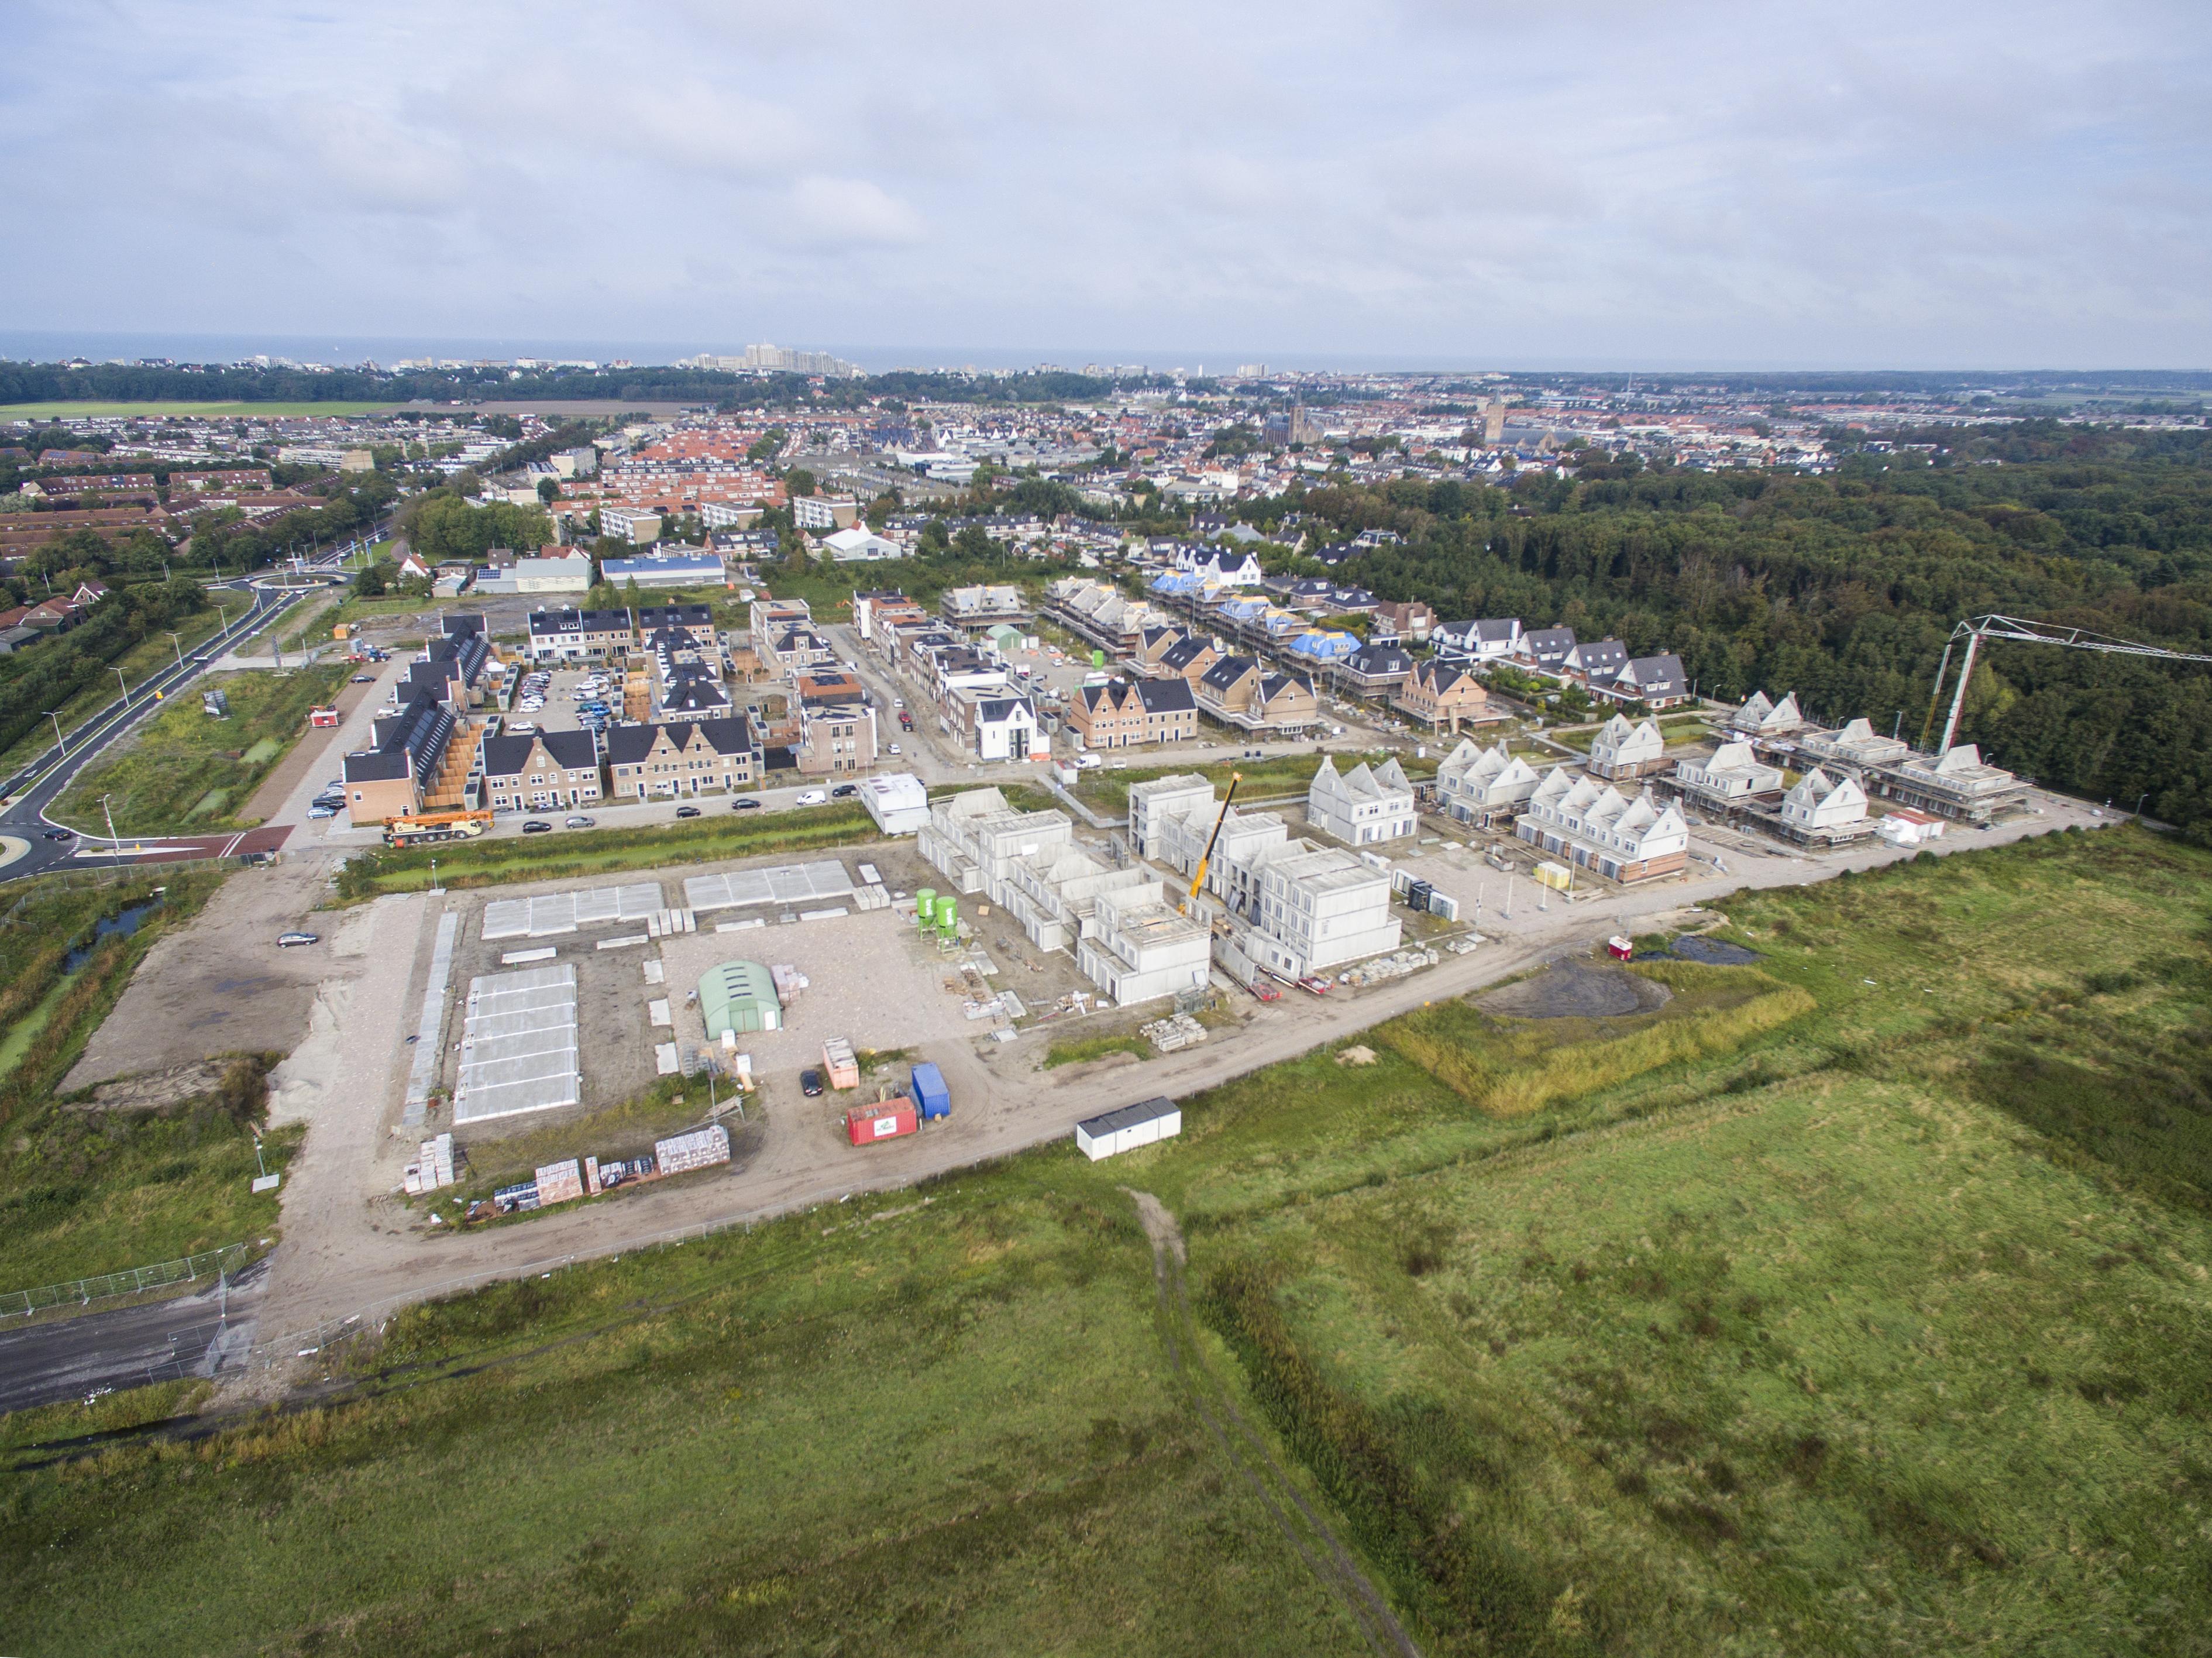 Meer huizen in Offem Zuid, maar dat gaat wel ten koste van de breedte van sommige woningen